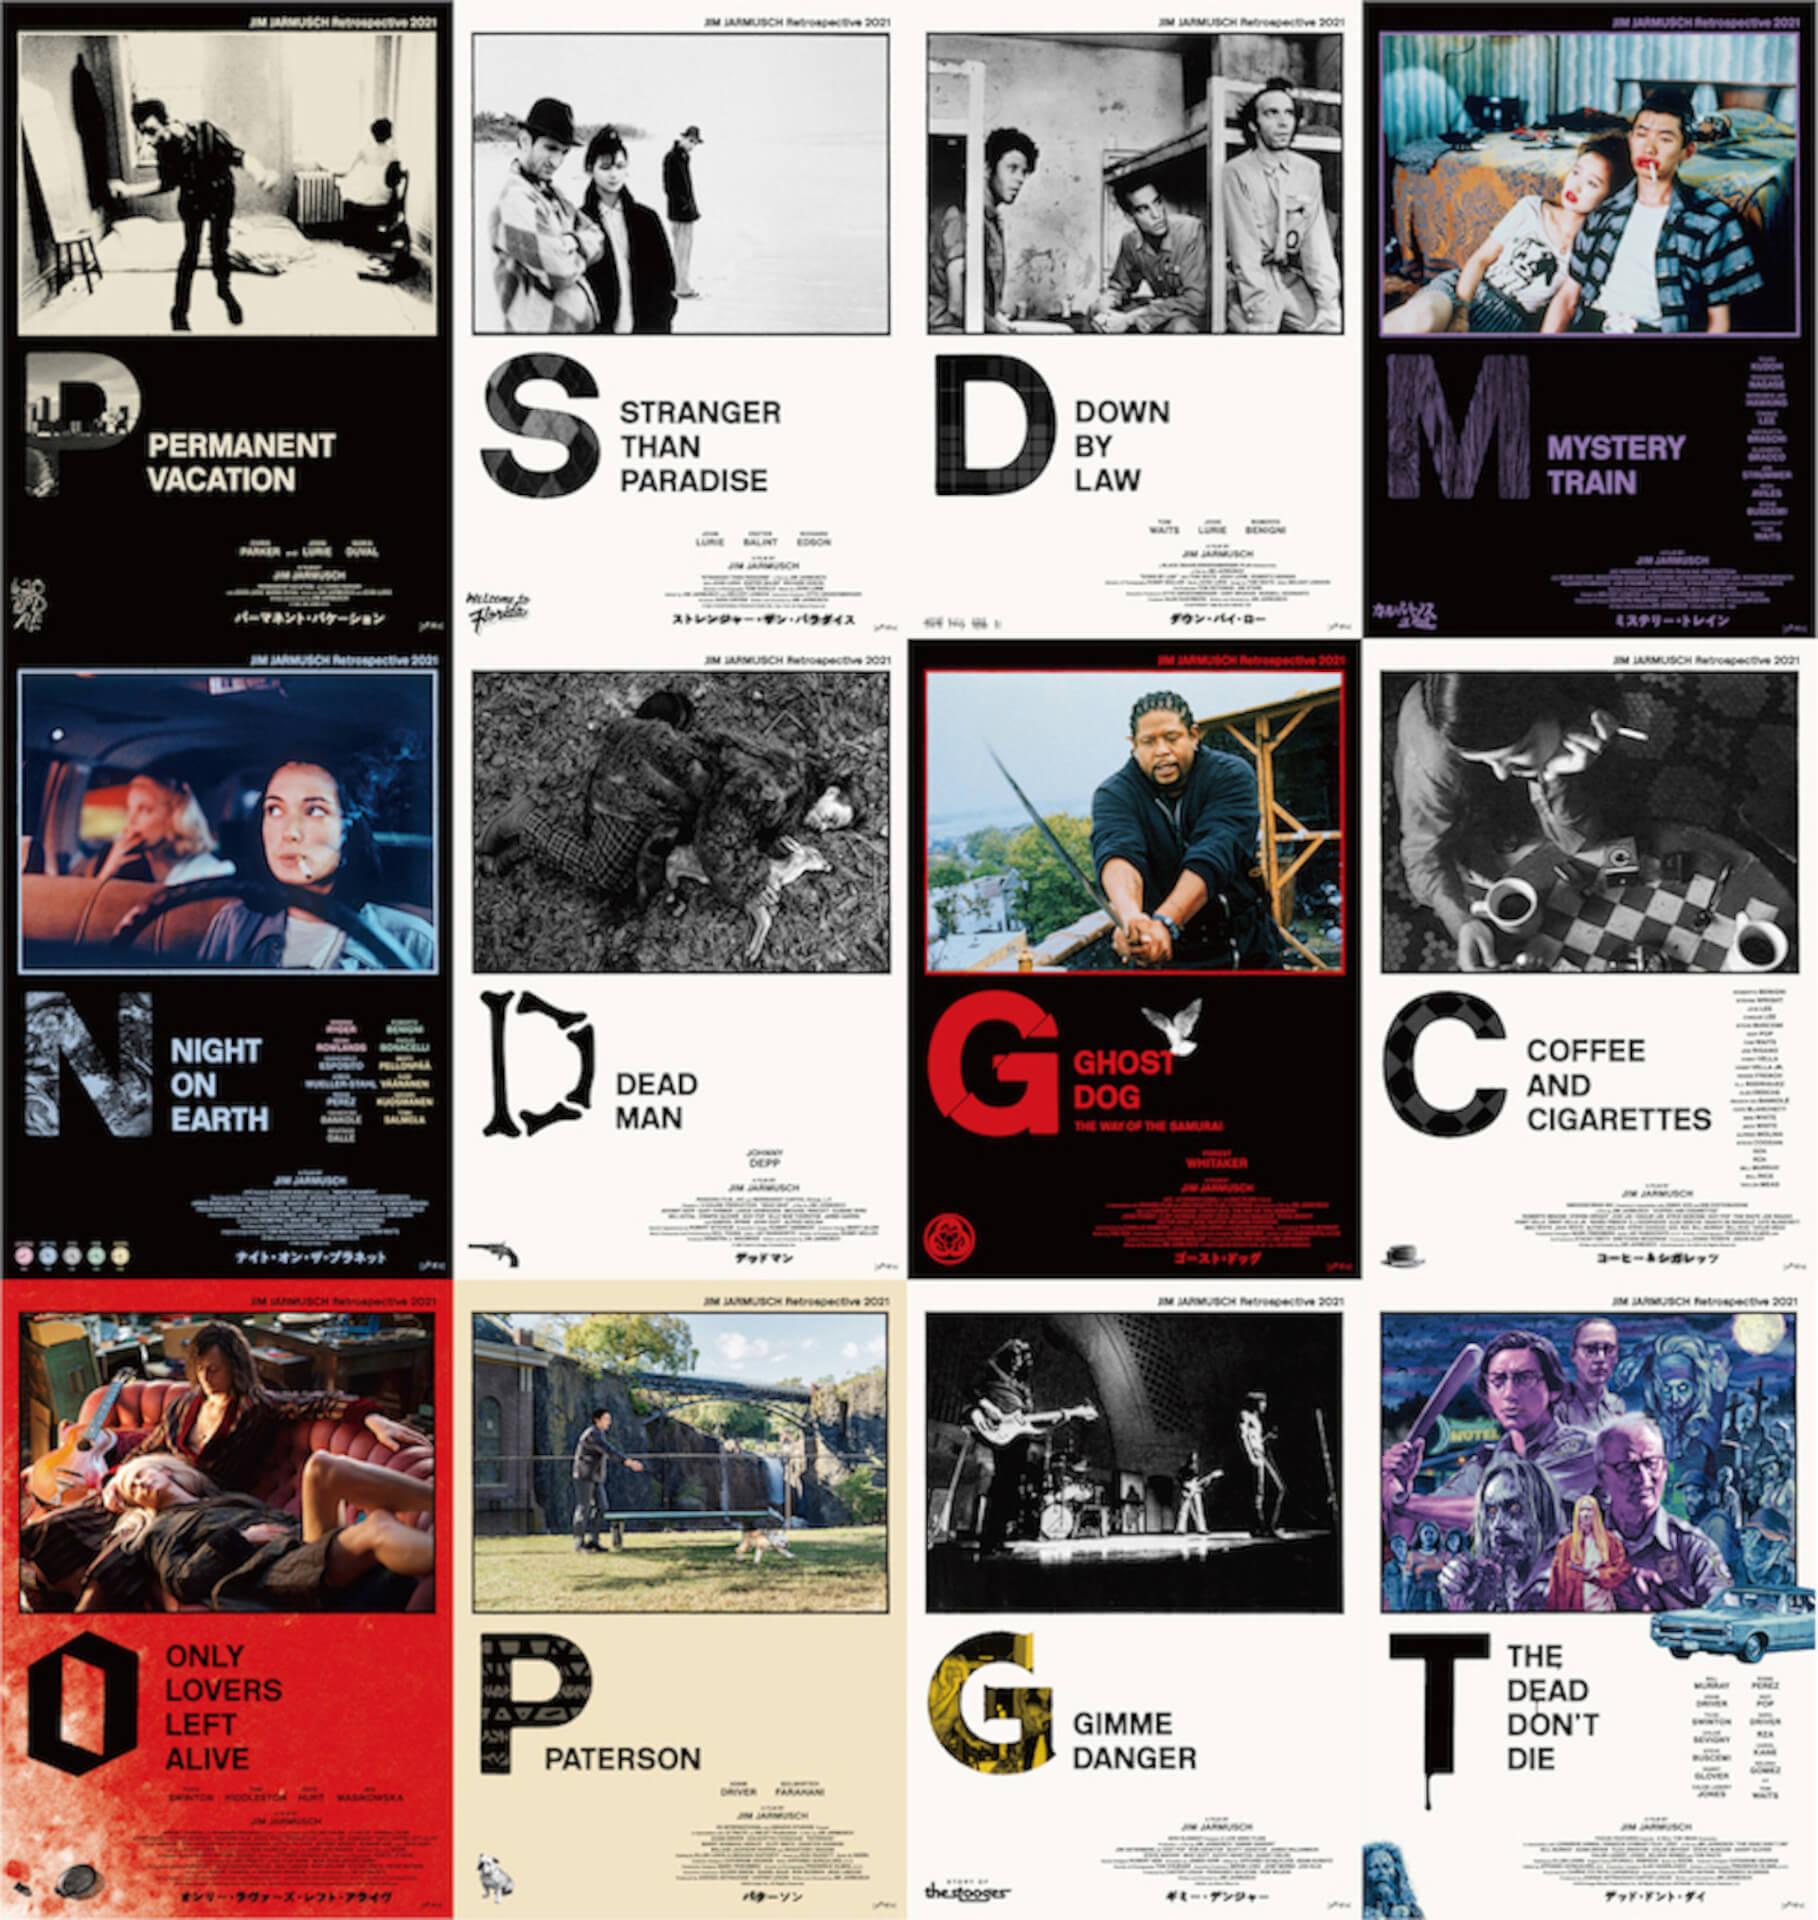 ジム・ジャームッシュの名作が続々上映!『ストレンジャー・ザン・パラダイス』など全12作品のポスター&チラシビジュアルが新たに制作&配布決定 film210611_jimjarmusch_14